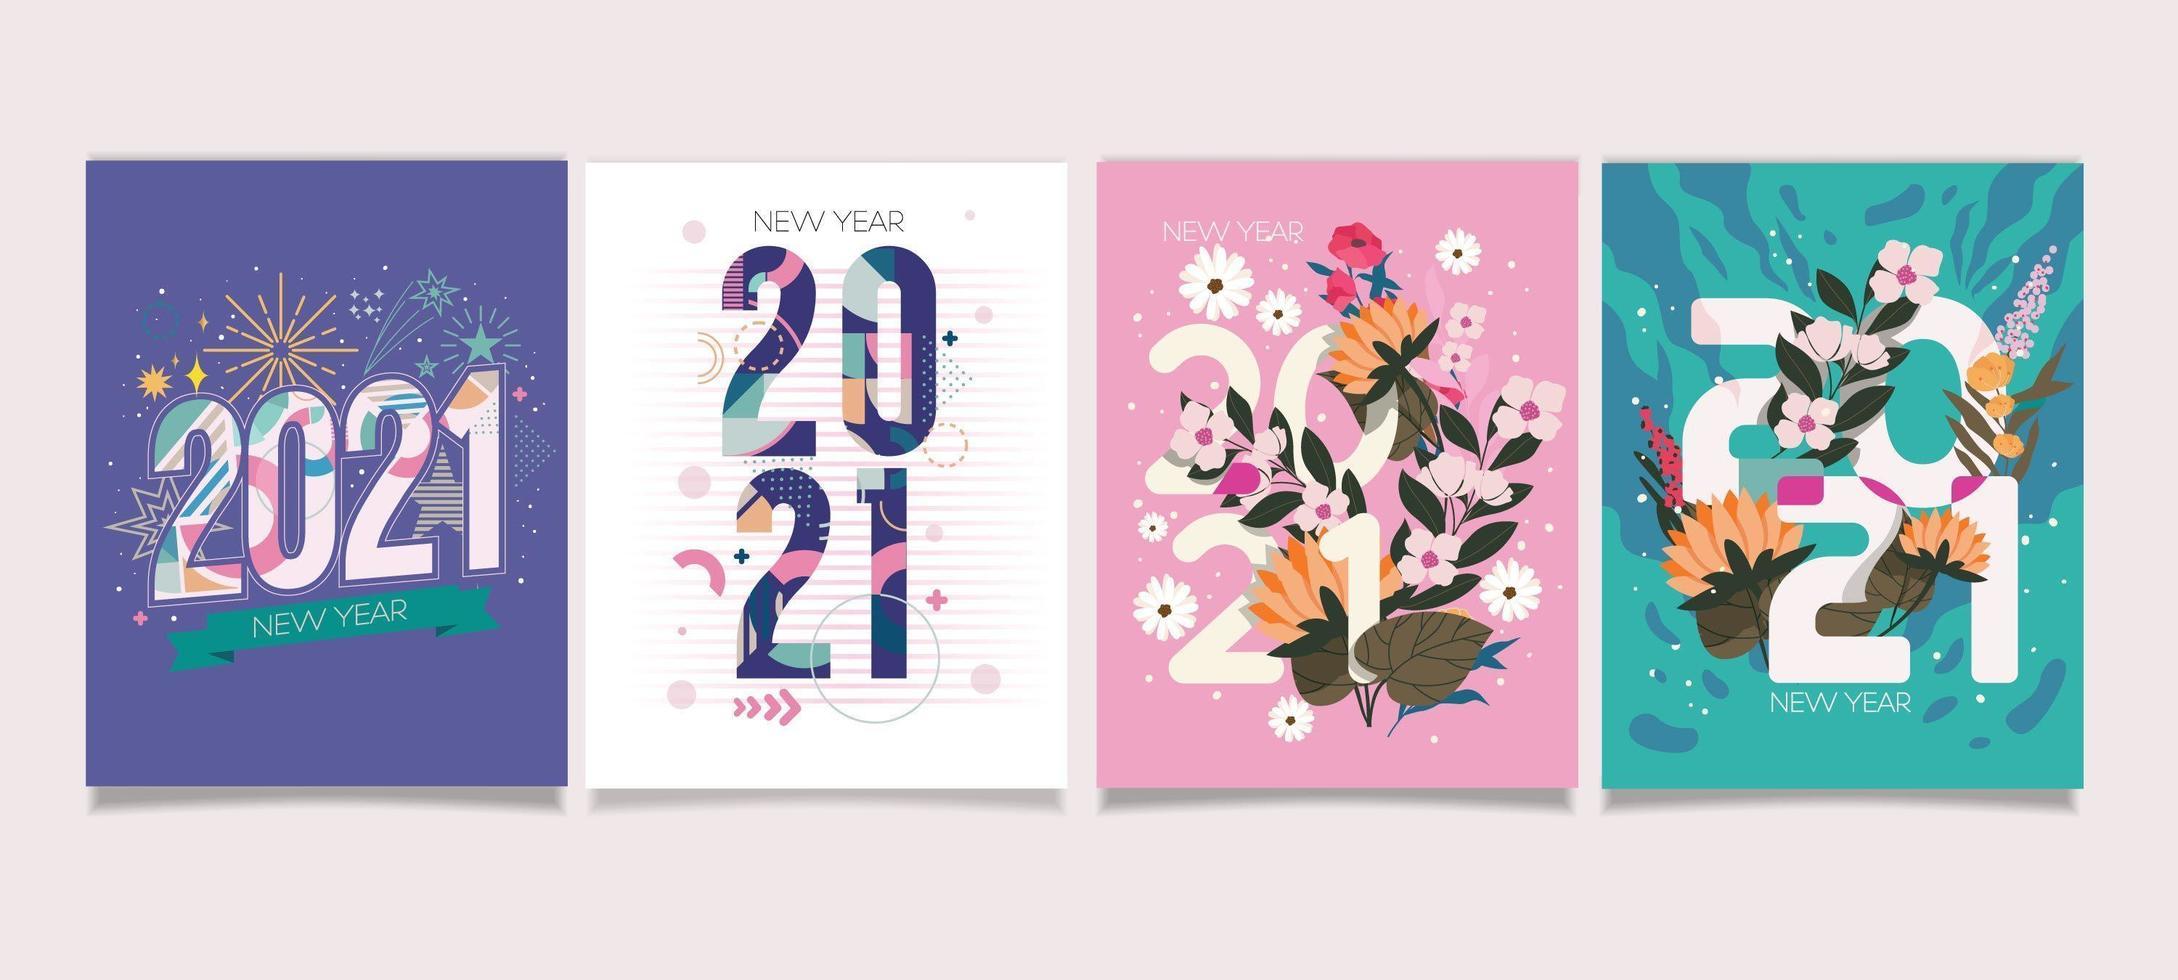 Cartão de ano novo de 2021 com lindos tons pastel vetor